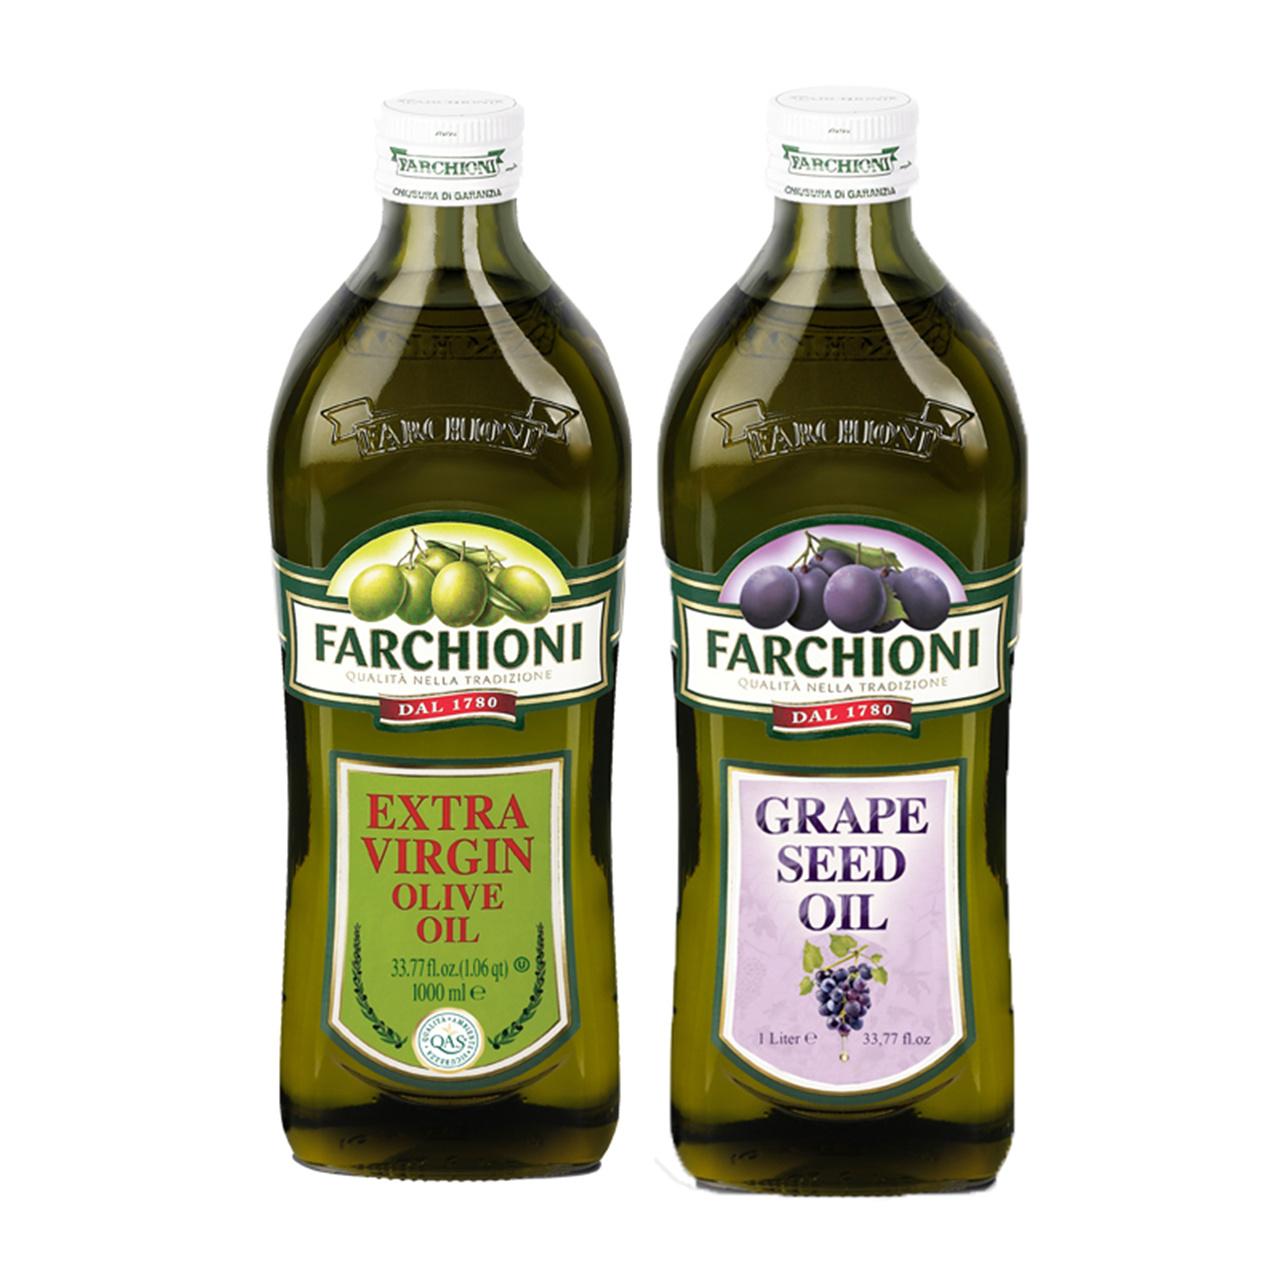 Италии оригинальный импортный благословение странный специальная марка рано экстракт оливки масло 1L+ виноград семена масло 1L